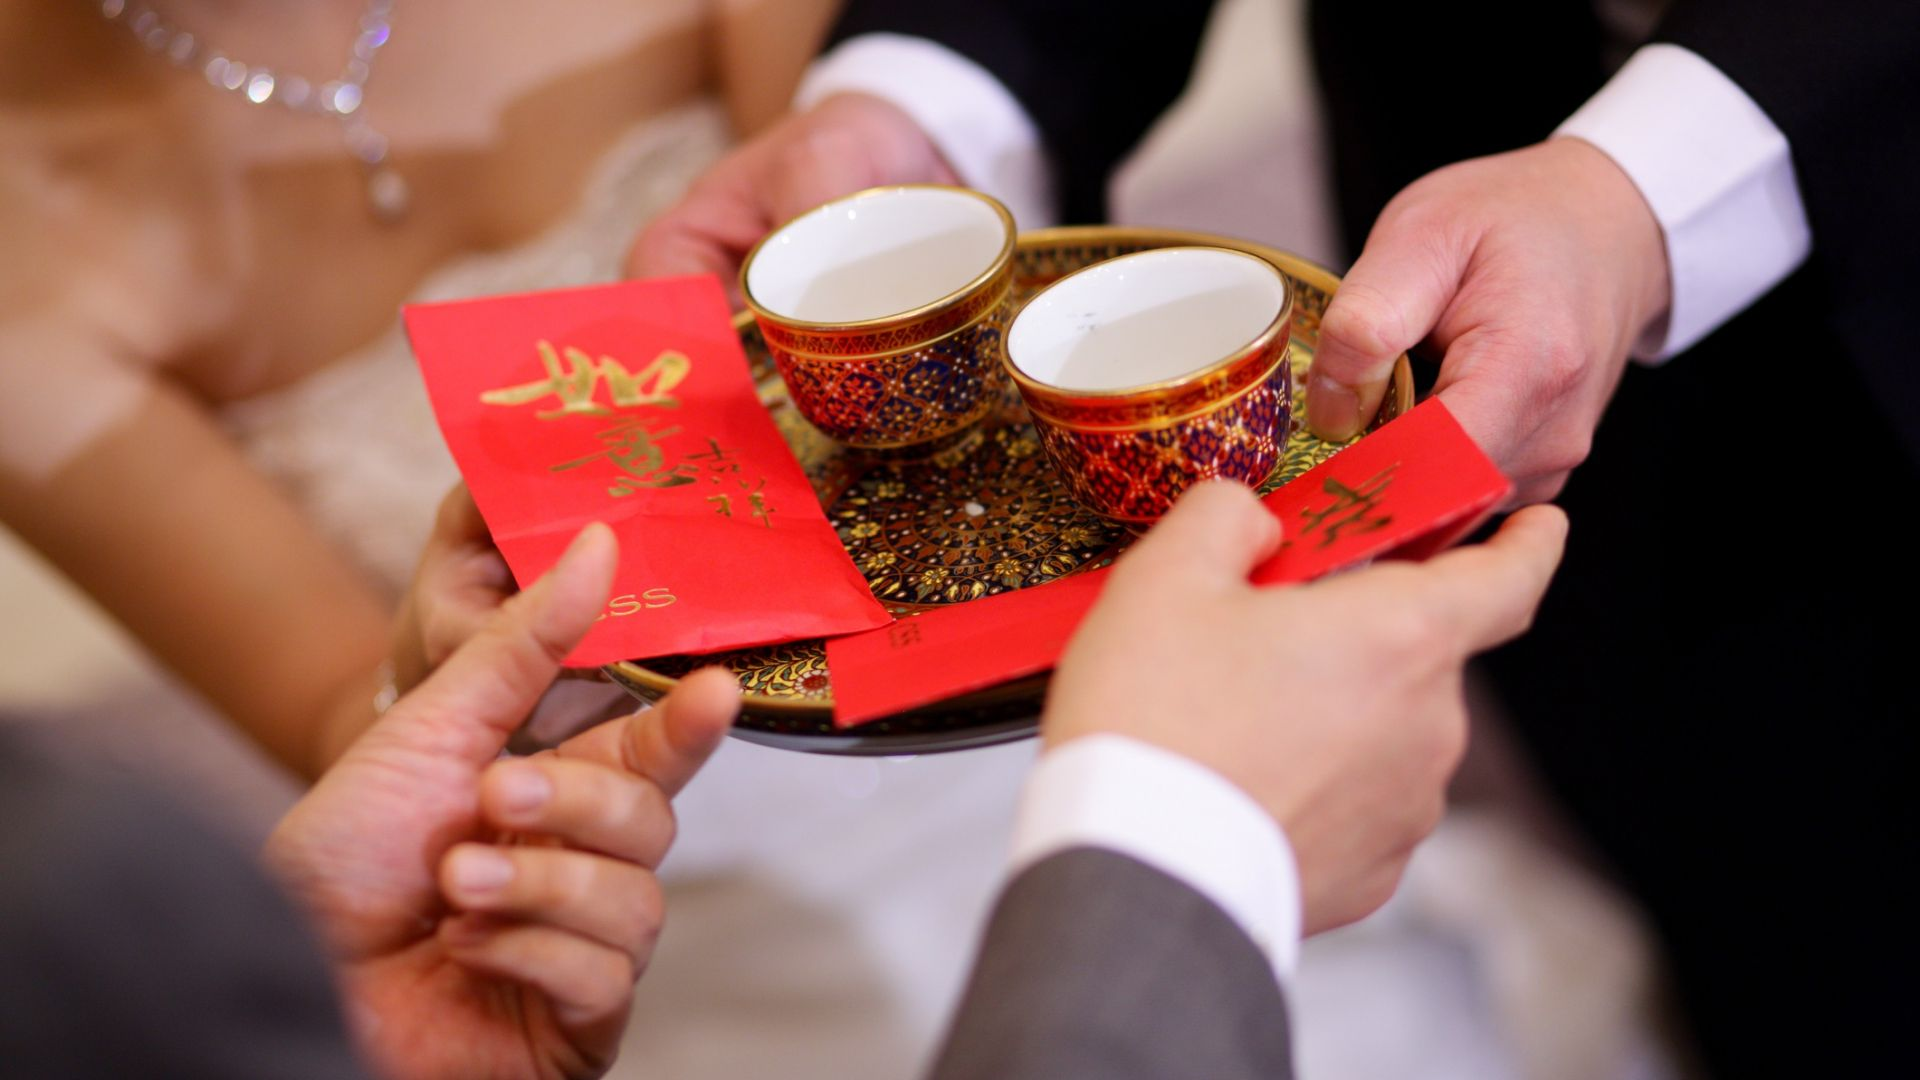 11 китайци от едно семейство сключиха брак и се разведоха 23 пъти за месец